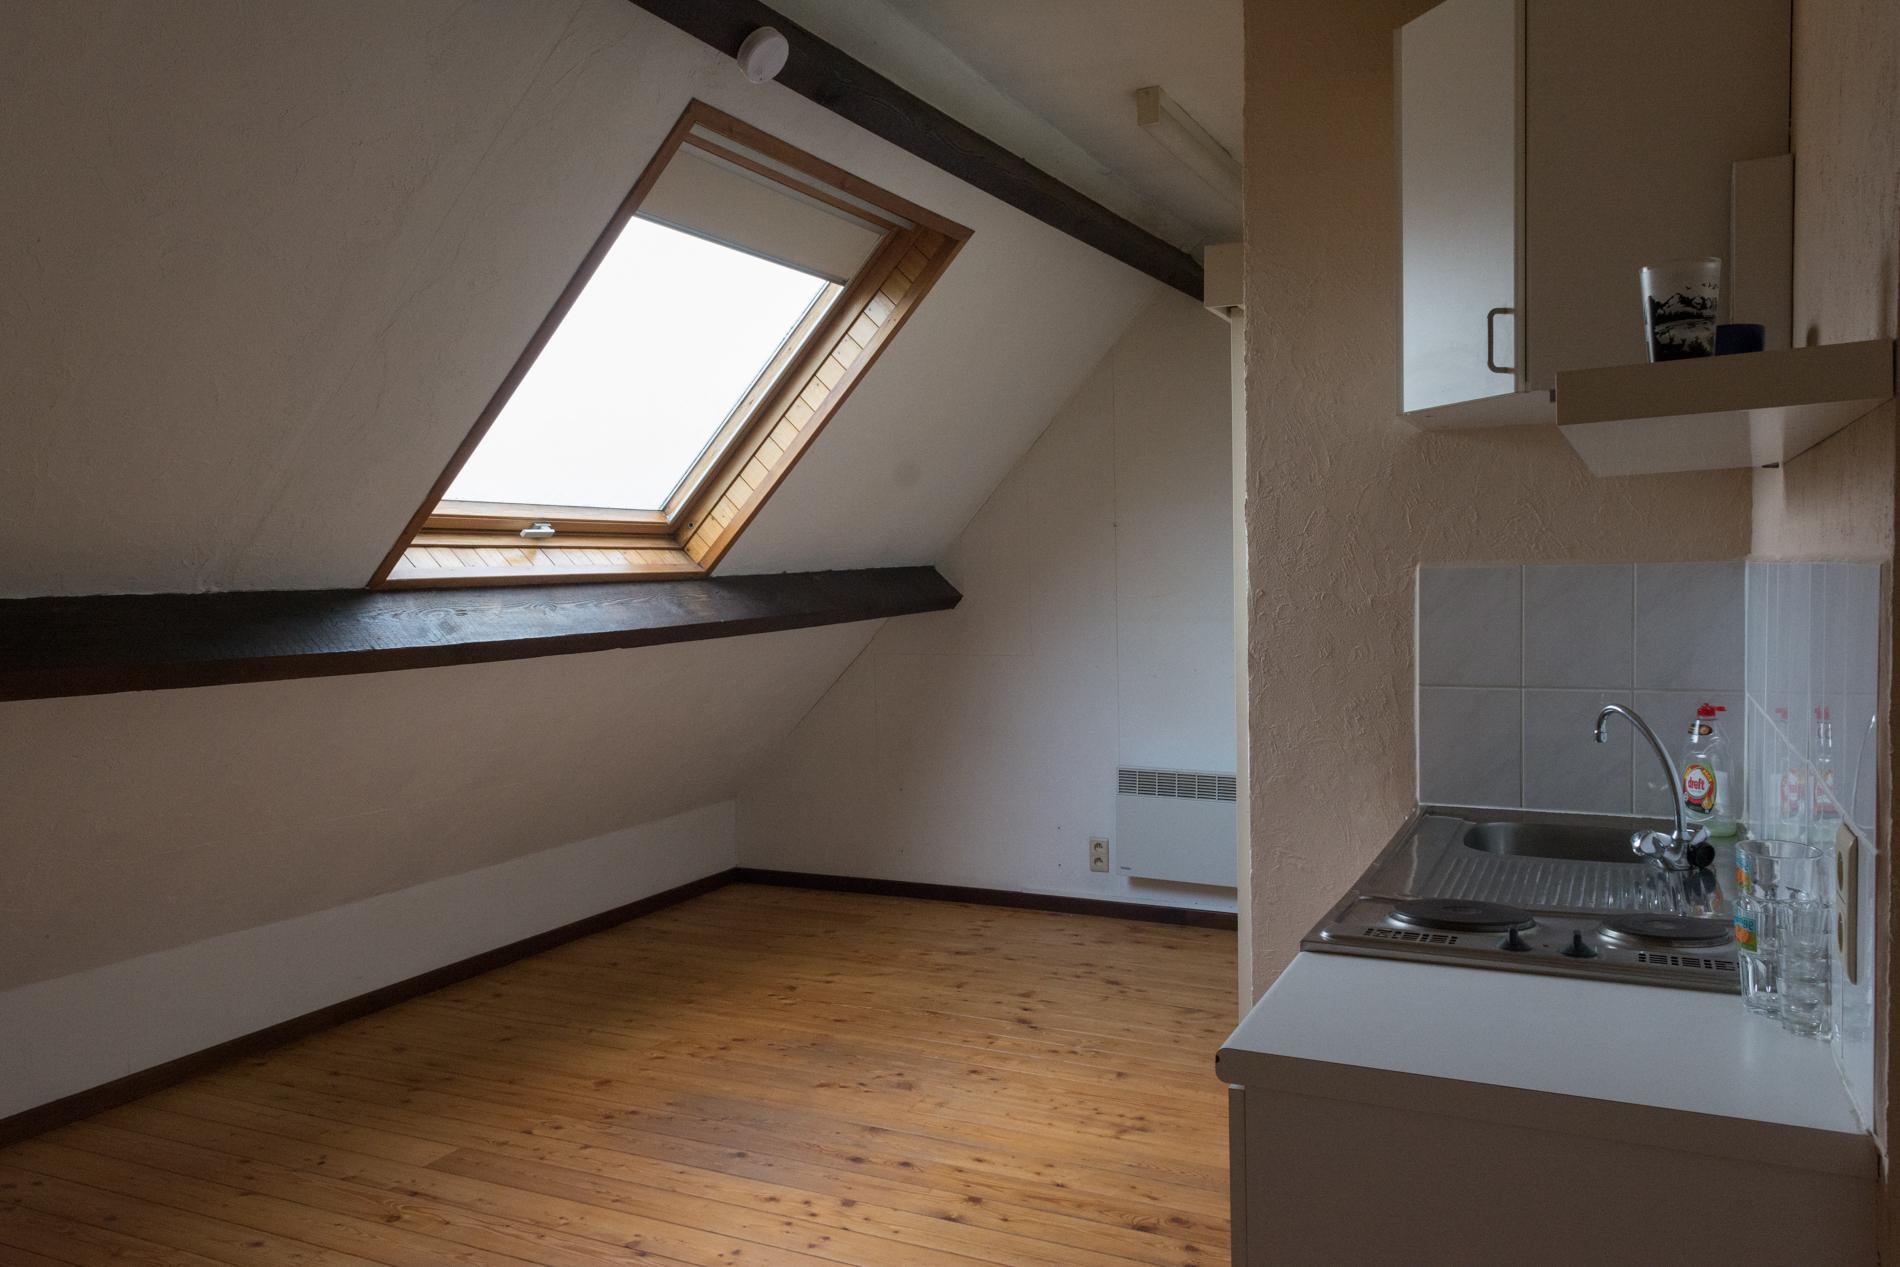 ruime, lichtrijke leefruimte met rec